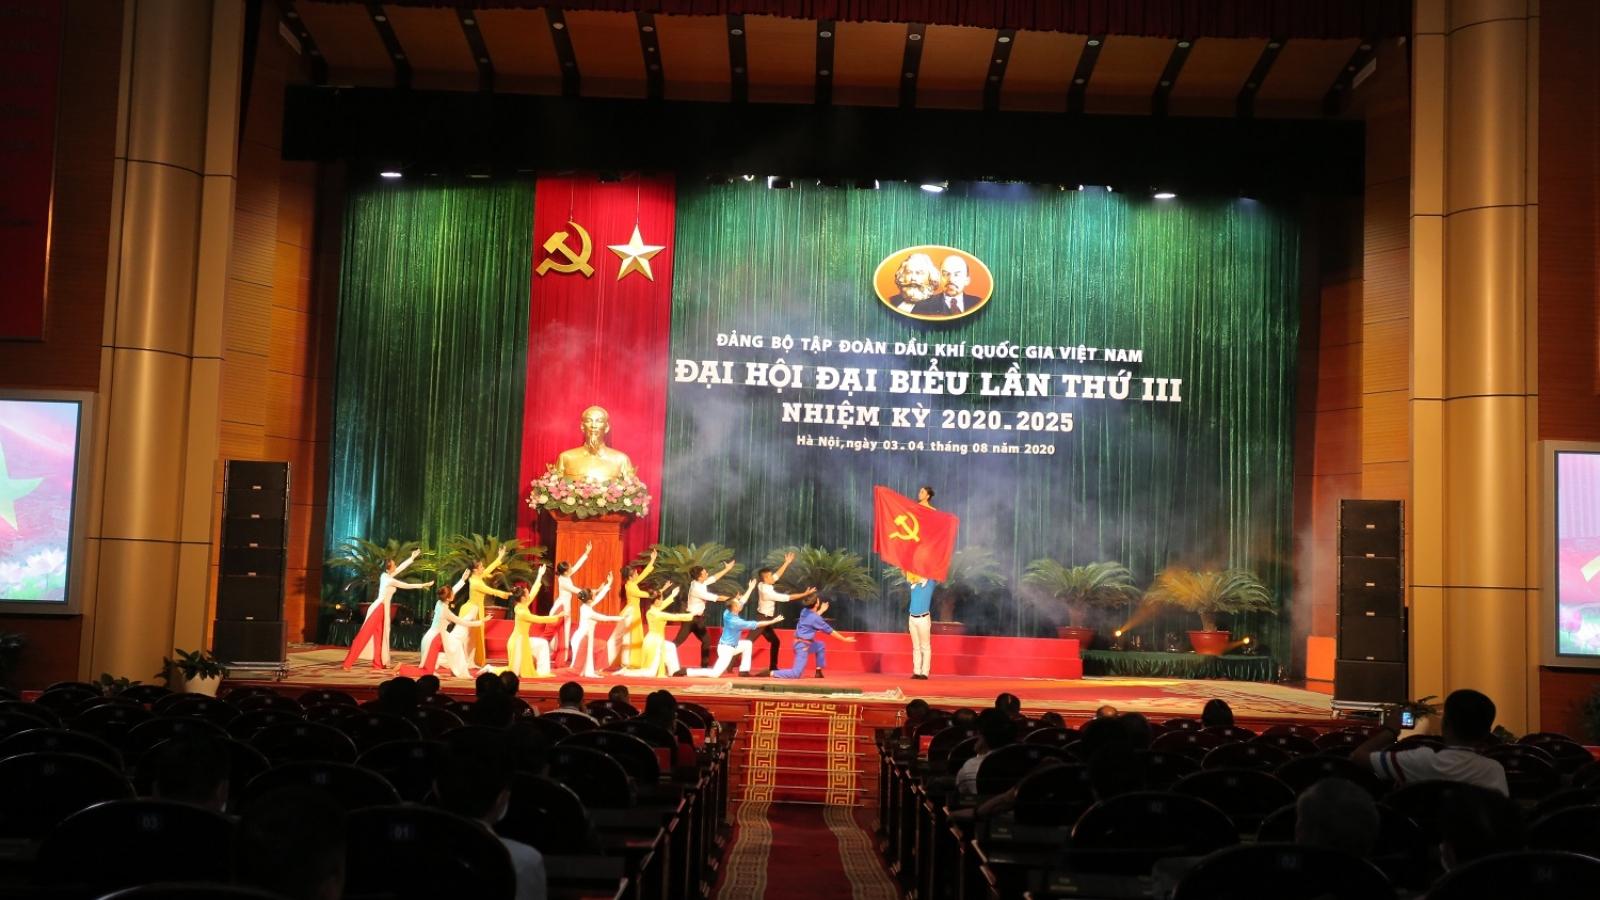 Đảng bộ Tập đoàn Dầu khí Quốc gia Việt Nam: Sẵn sàng cho ngày hội lớn